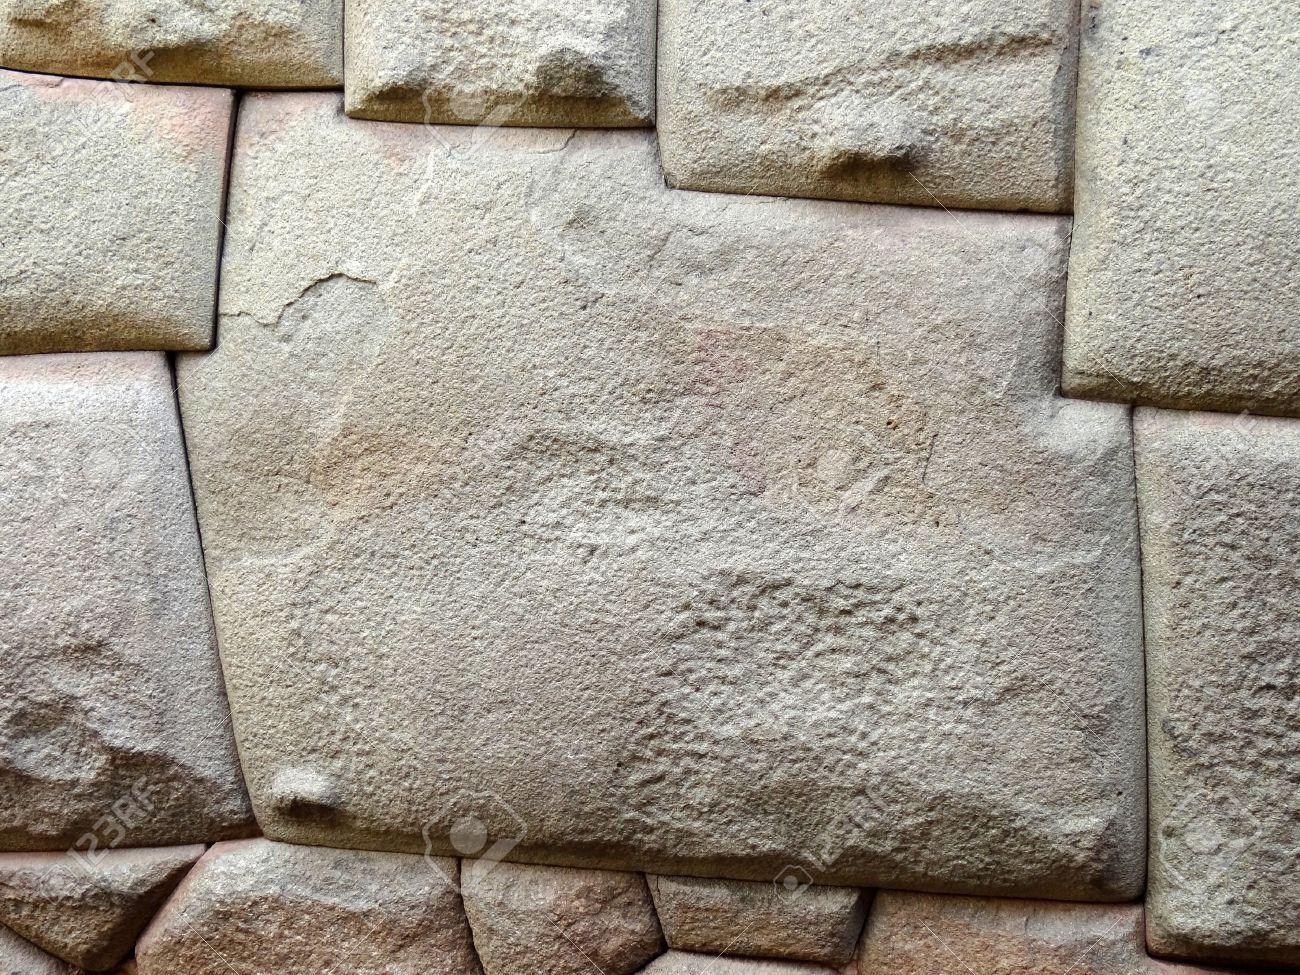 Immagini Stock - Primo Piano Del Famoso 12 Pietra Angolare Nel Muro Inca  Rumiyoc Strada Di Cuzco, In Perù. Image 11083903.